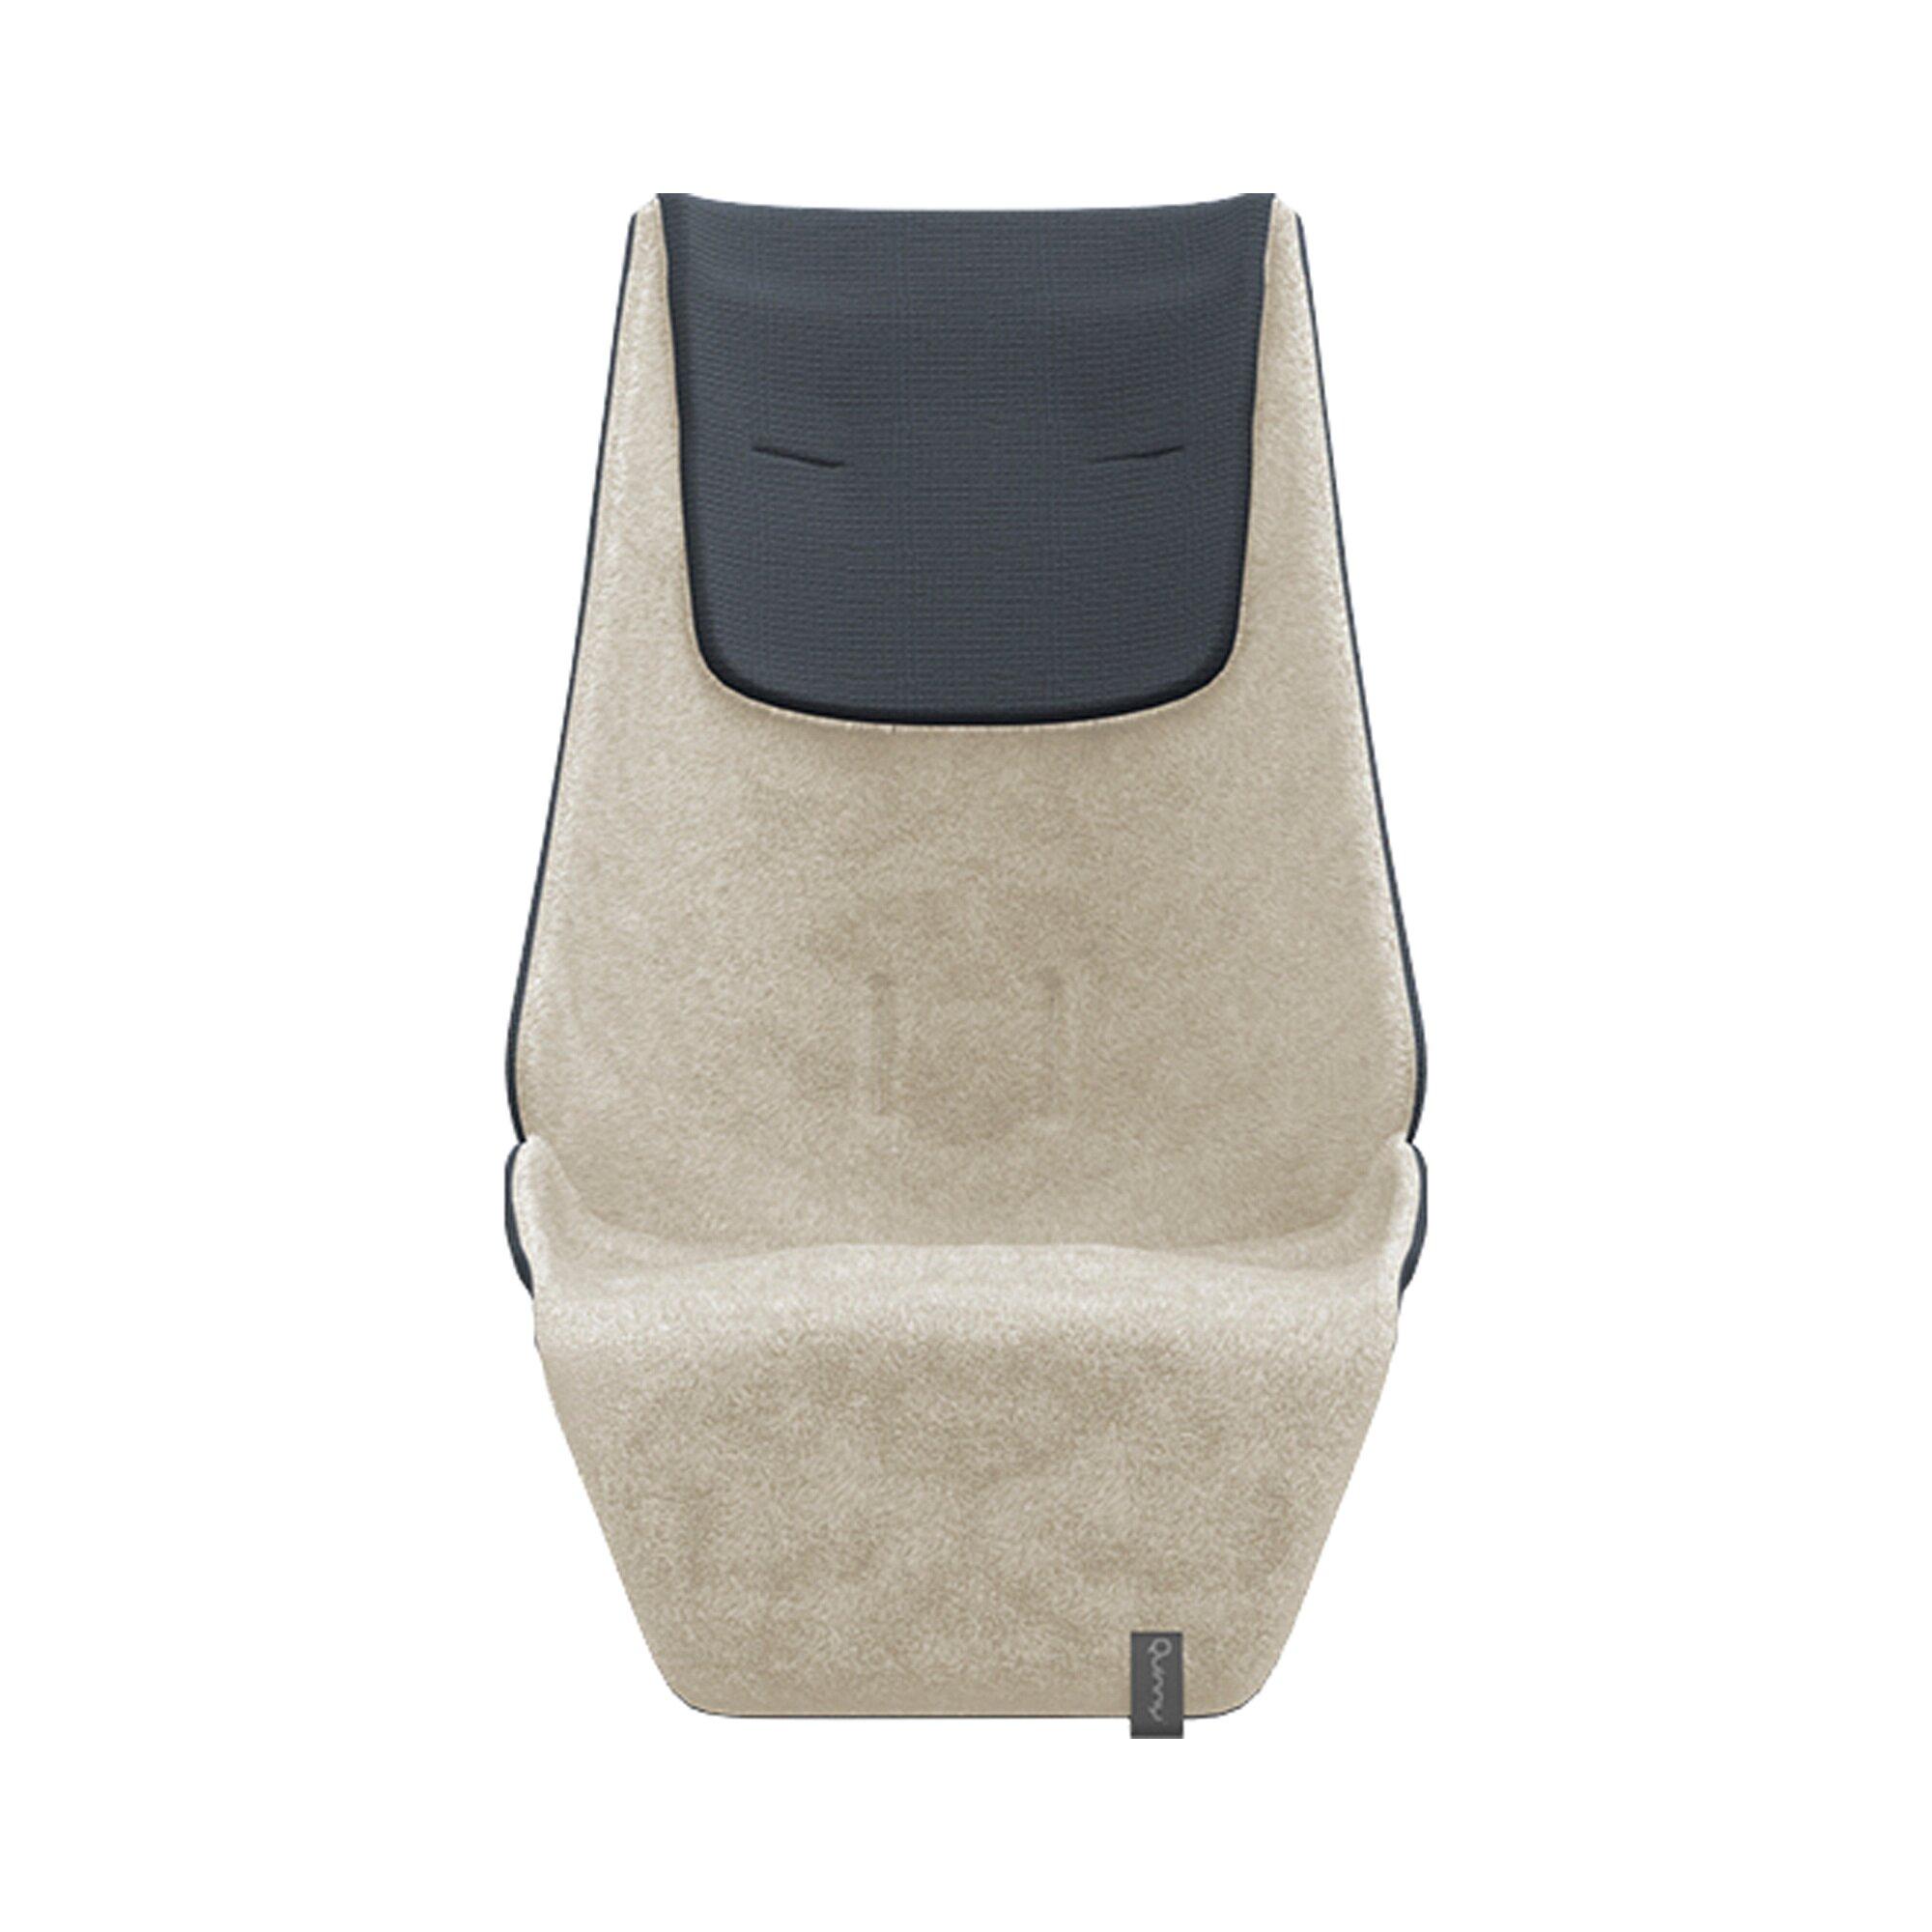 quinny-sitzauflage-winterliner-fur-zapp-xpress-zapp-flex-und-zapp-flex-plus-design-2017-beige